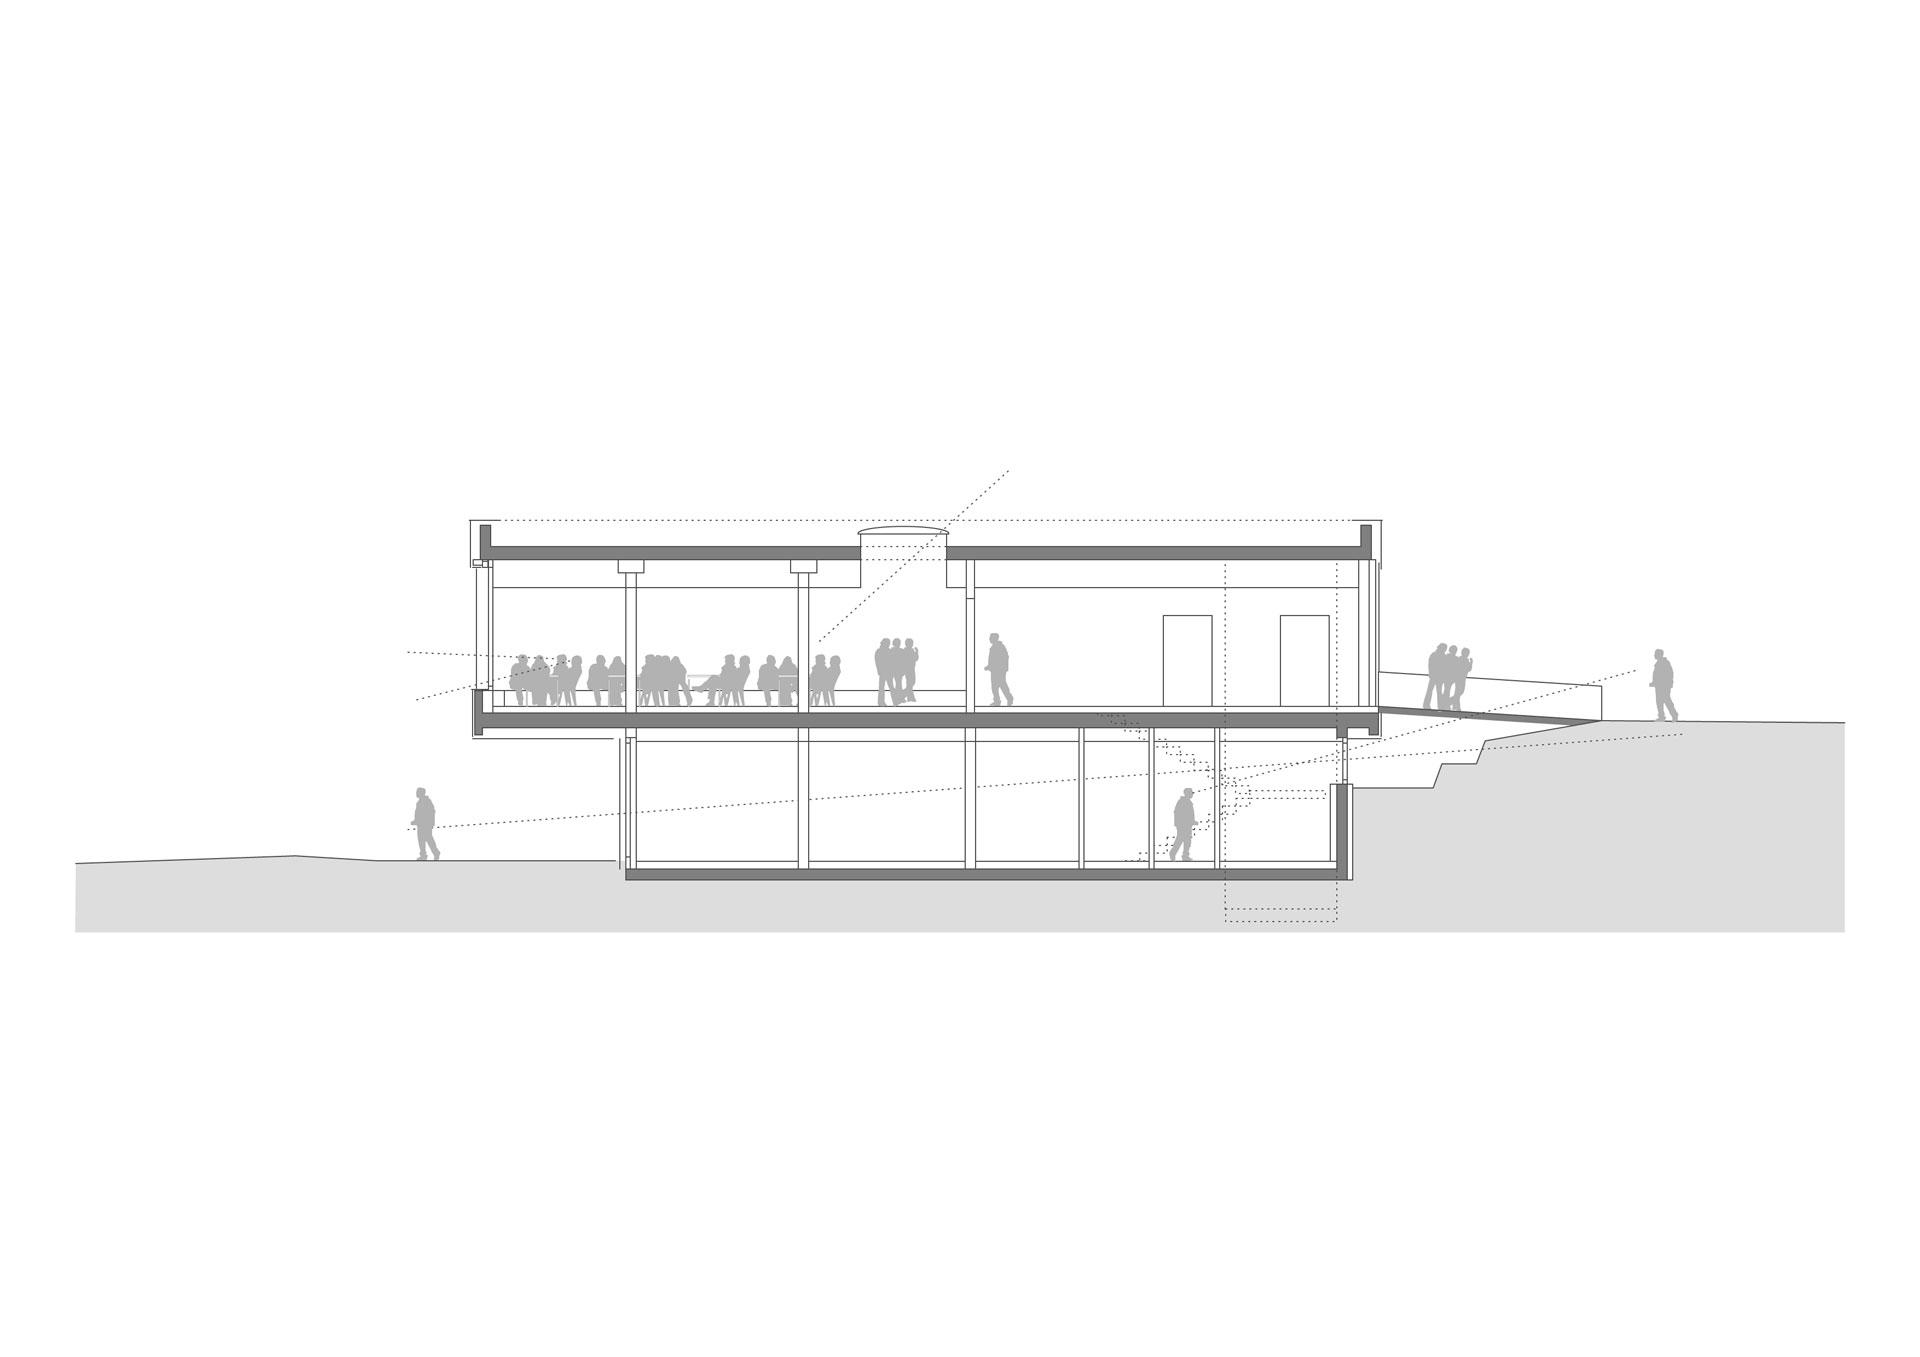 Architekt, Erweiterungsneubau Mensa, Schnitt Außen